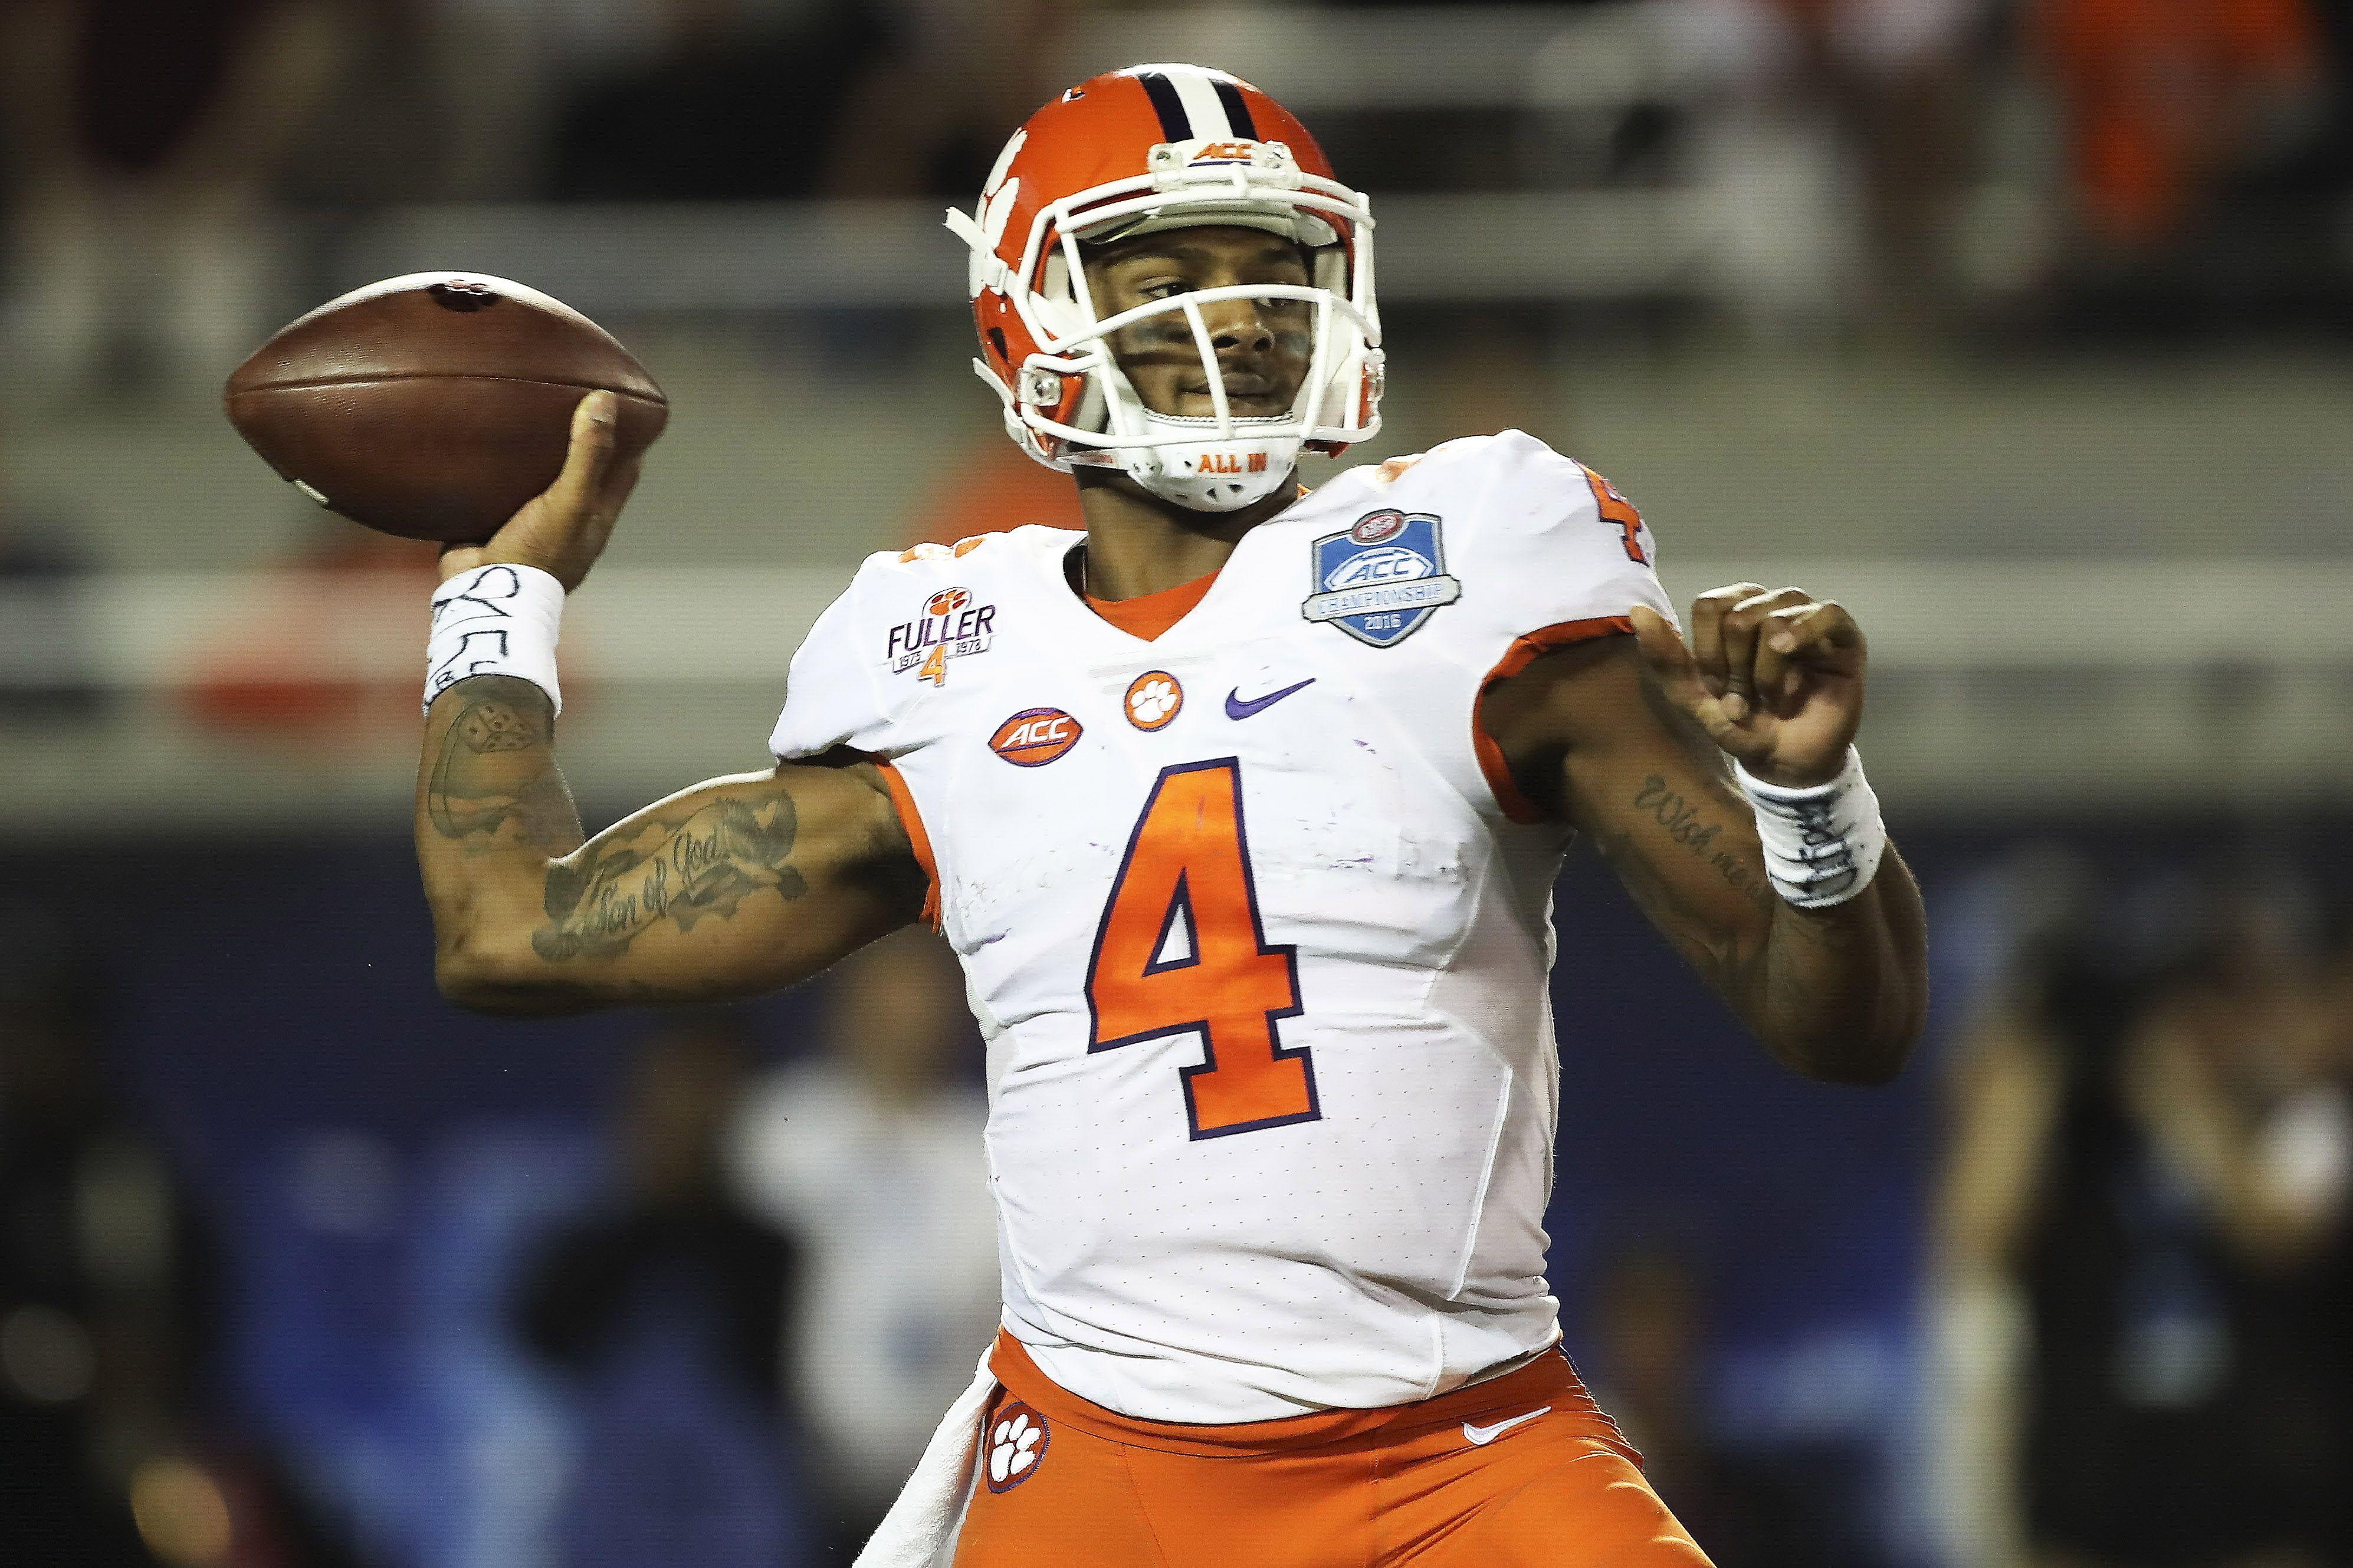 Dec 3, 2016; Orlando, FL, USA; Clemson Tigers quarterback